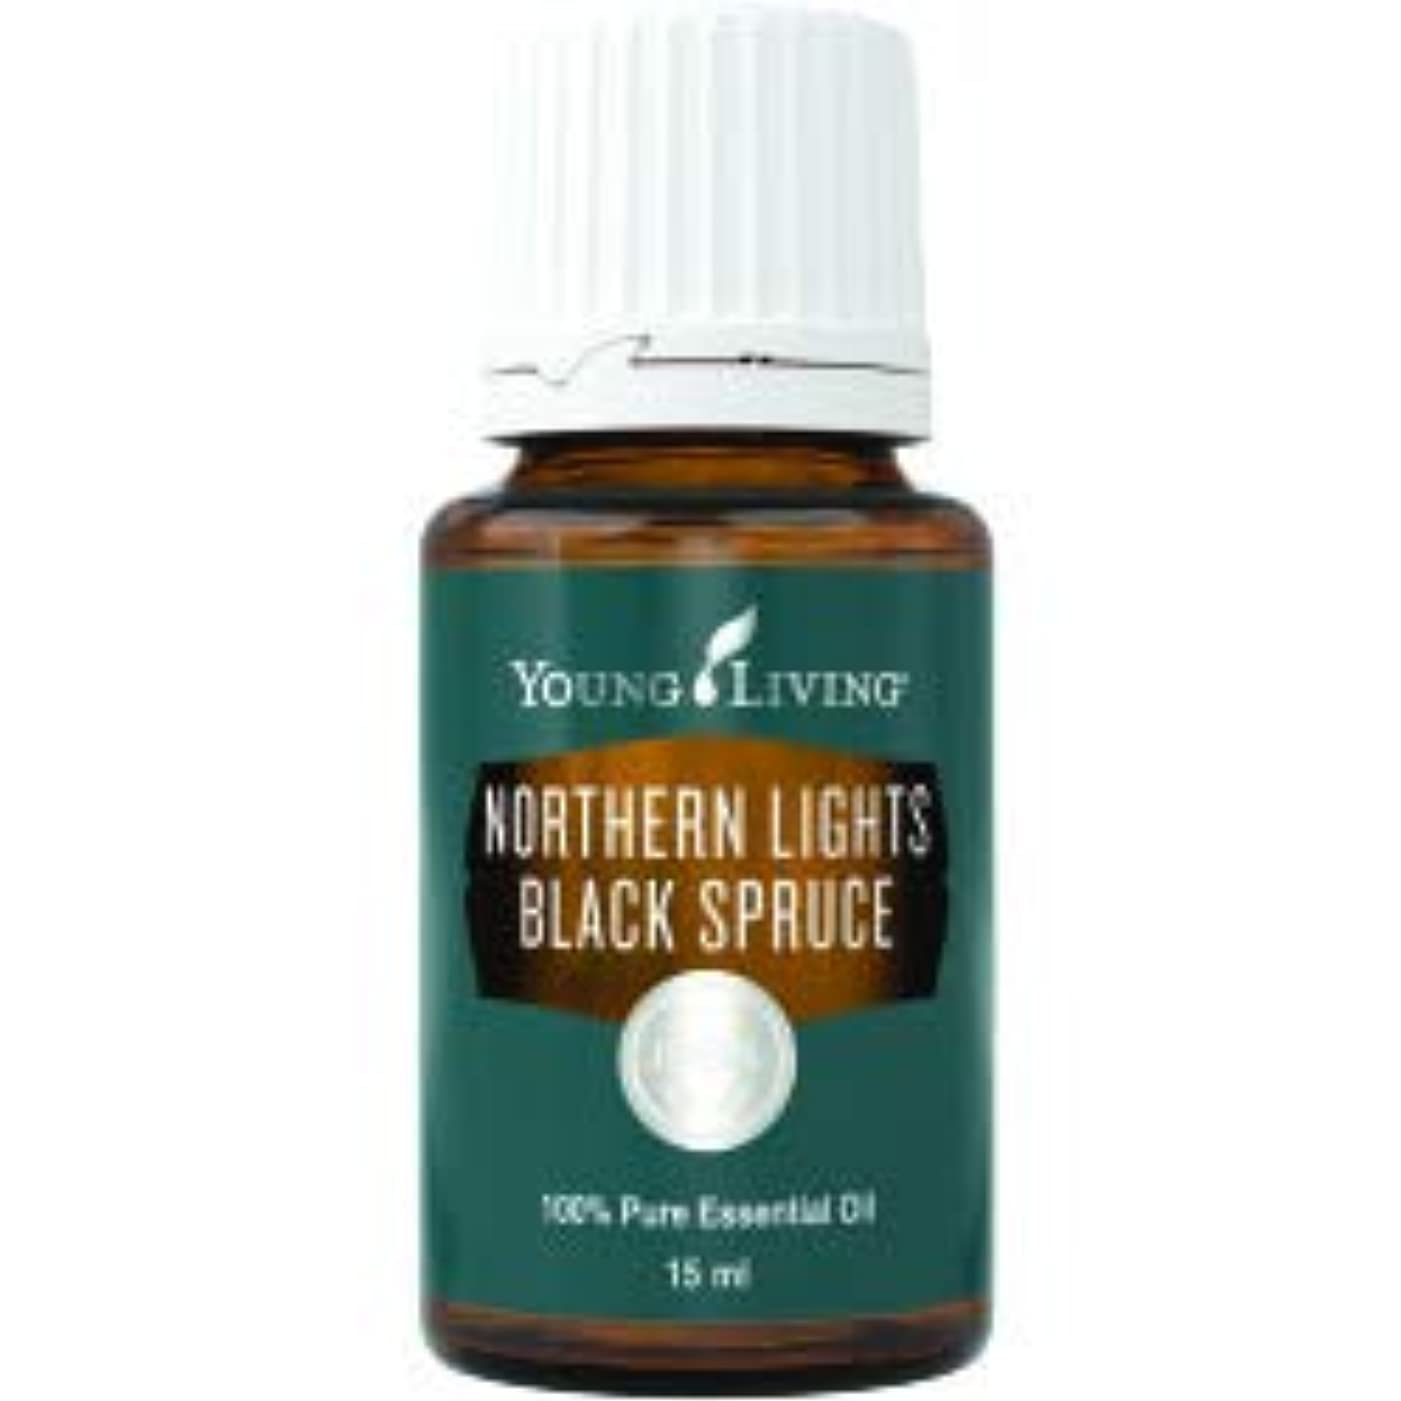 マーティンルーサーキングジュニア湖たまにノーザンライツブラックスプルースエッセンシャルオイル15ml byヤングリビングエッセンシャルオイルマレーシア Northern Lights Black Spruce Essential Oil 15ml by Young...